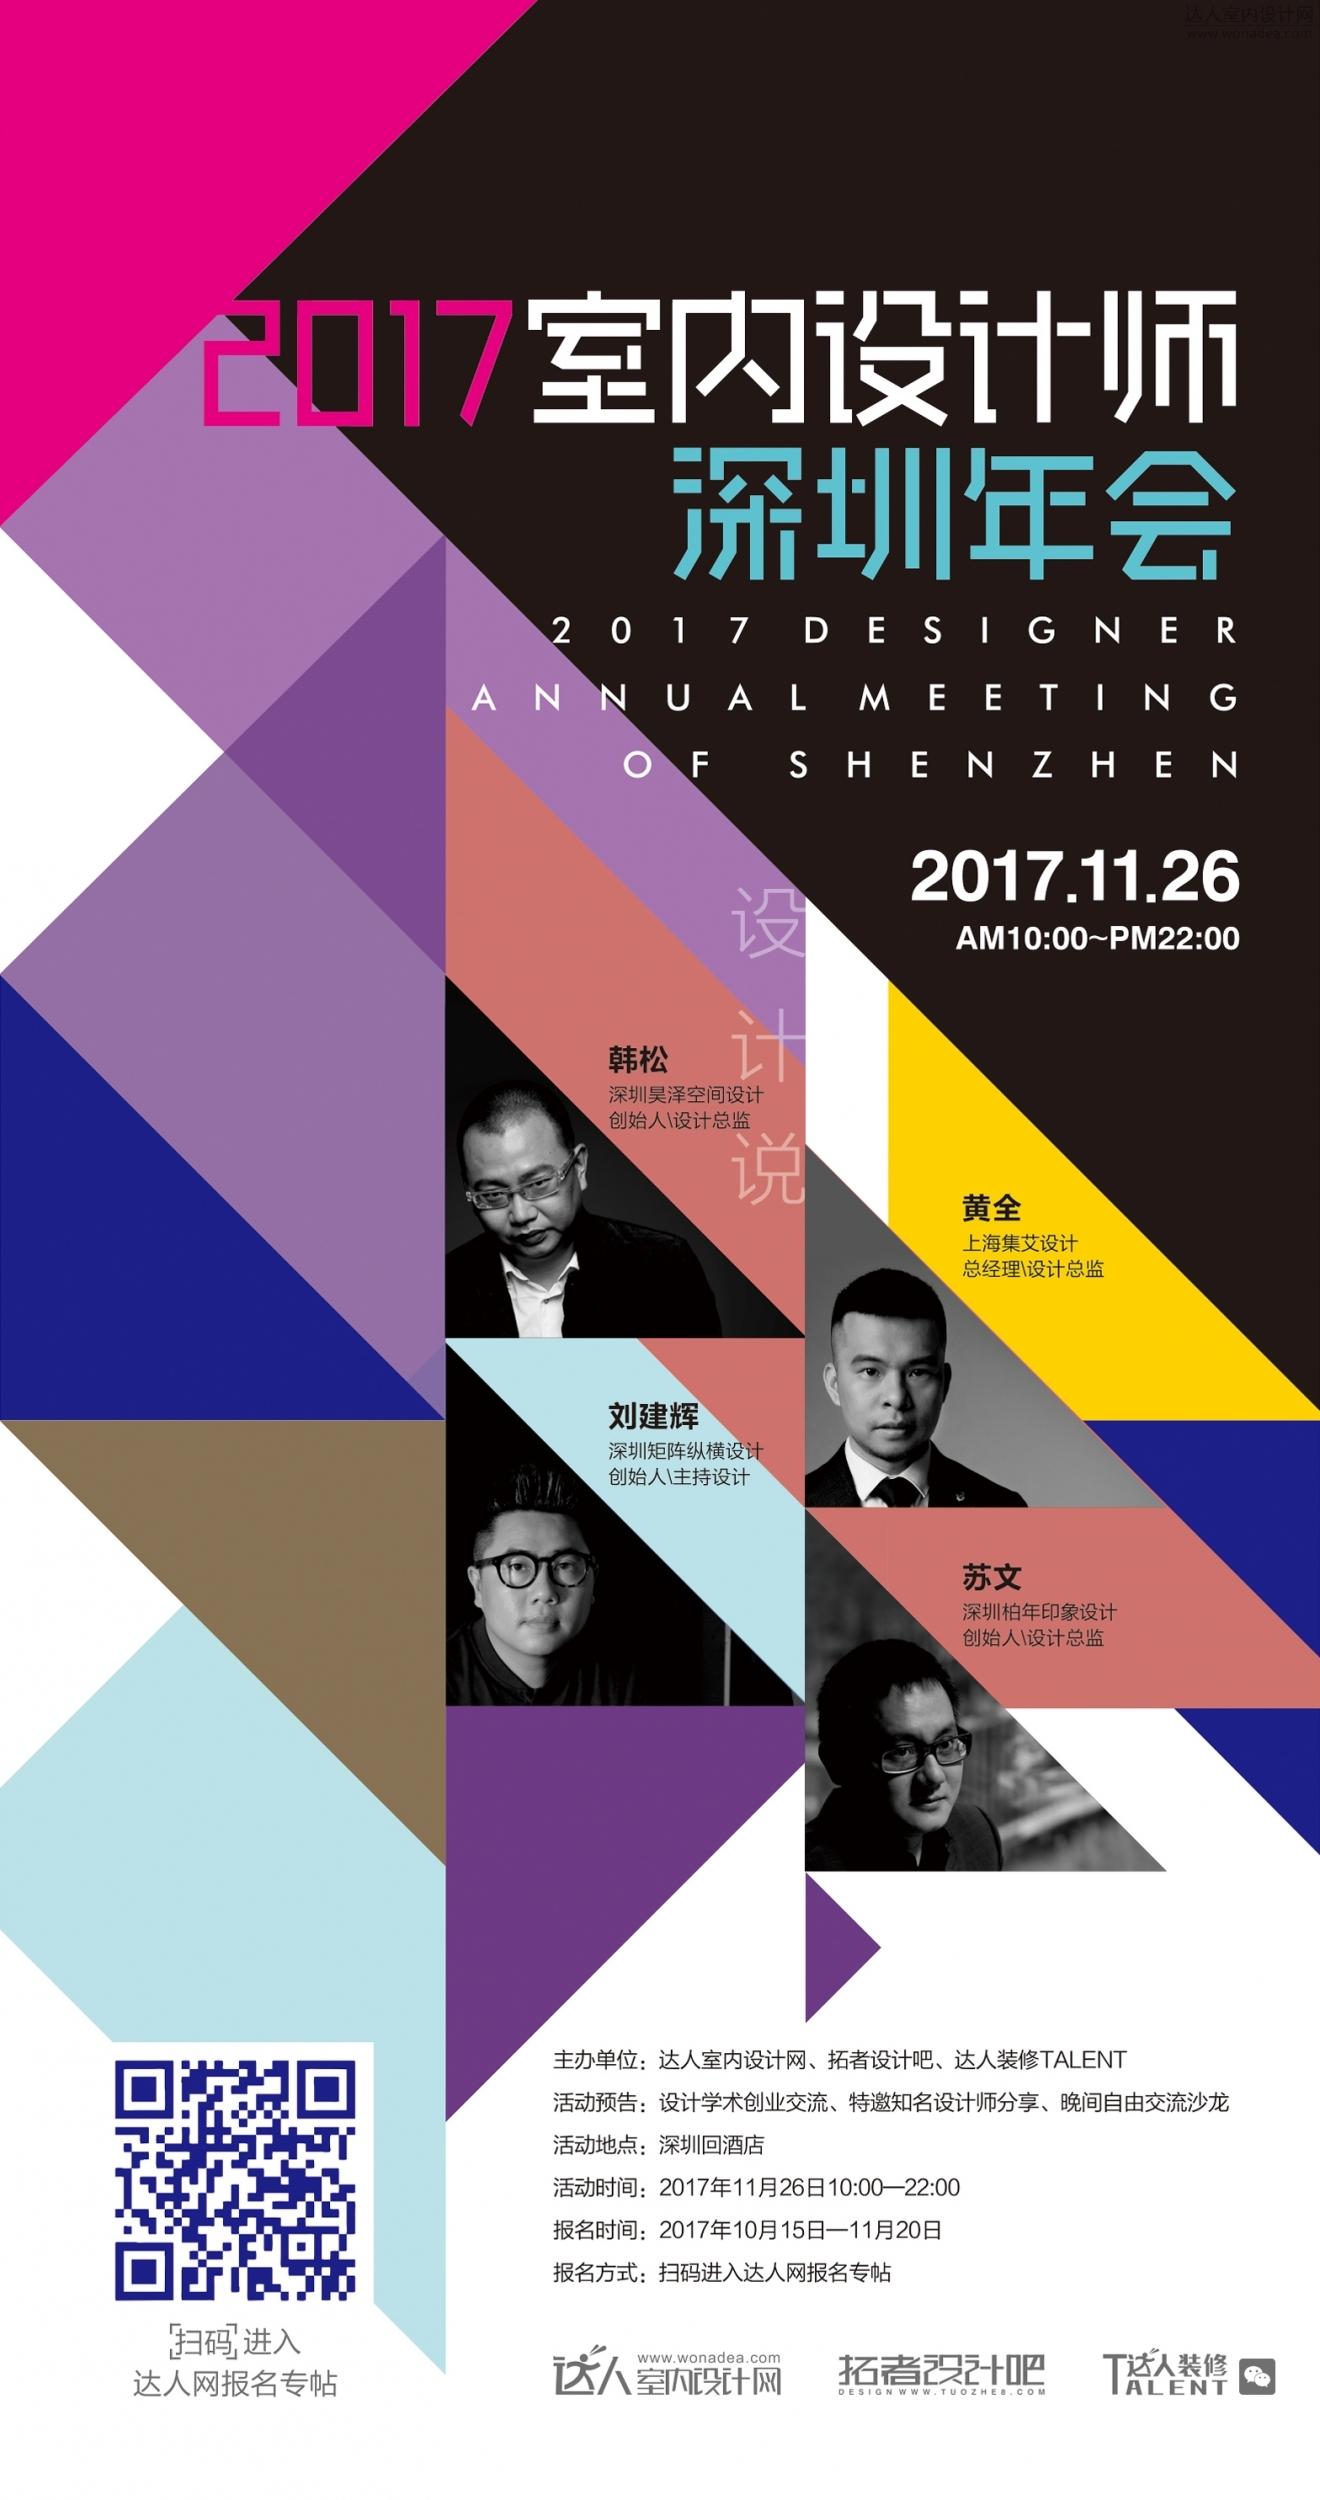 【活动】2017室内设计师深圳年会,报名进入倒计时↓↓↓